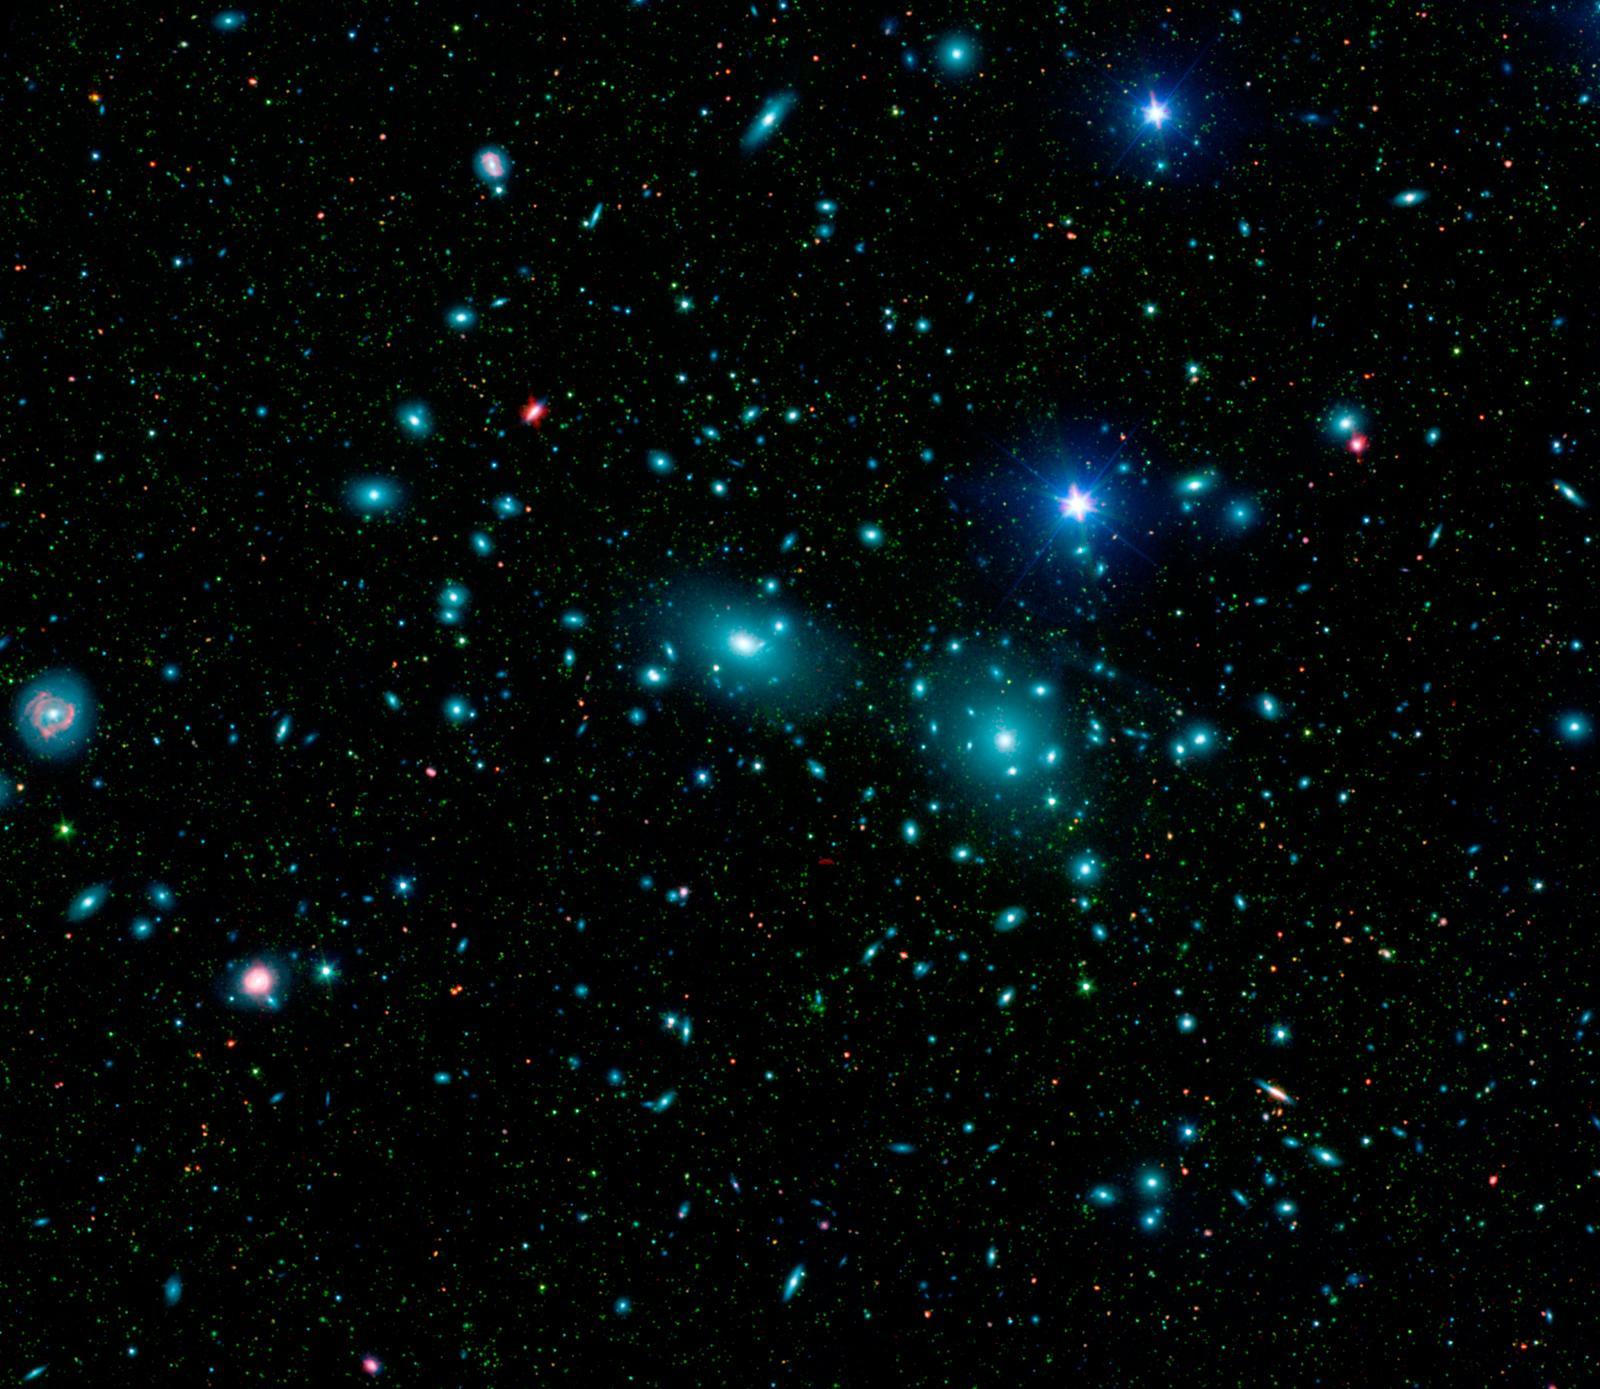 Toen Fritz Zwicky het Coma-cluster onderzocht, ontdekte hij dat er iets vreemds aan de hand was. Volgens zijn berekeningen op basis van de snelheden van de sterrenstelsels, moest de massa van dit cluster zo'n 400 keer groter zijn dan hij uit het licht van sterrenstelsels en gas kon afleiden. (Bron: NASA / JPL-Caltech / L. Jenkins (GSFC))